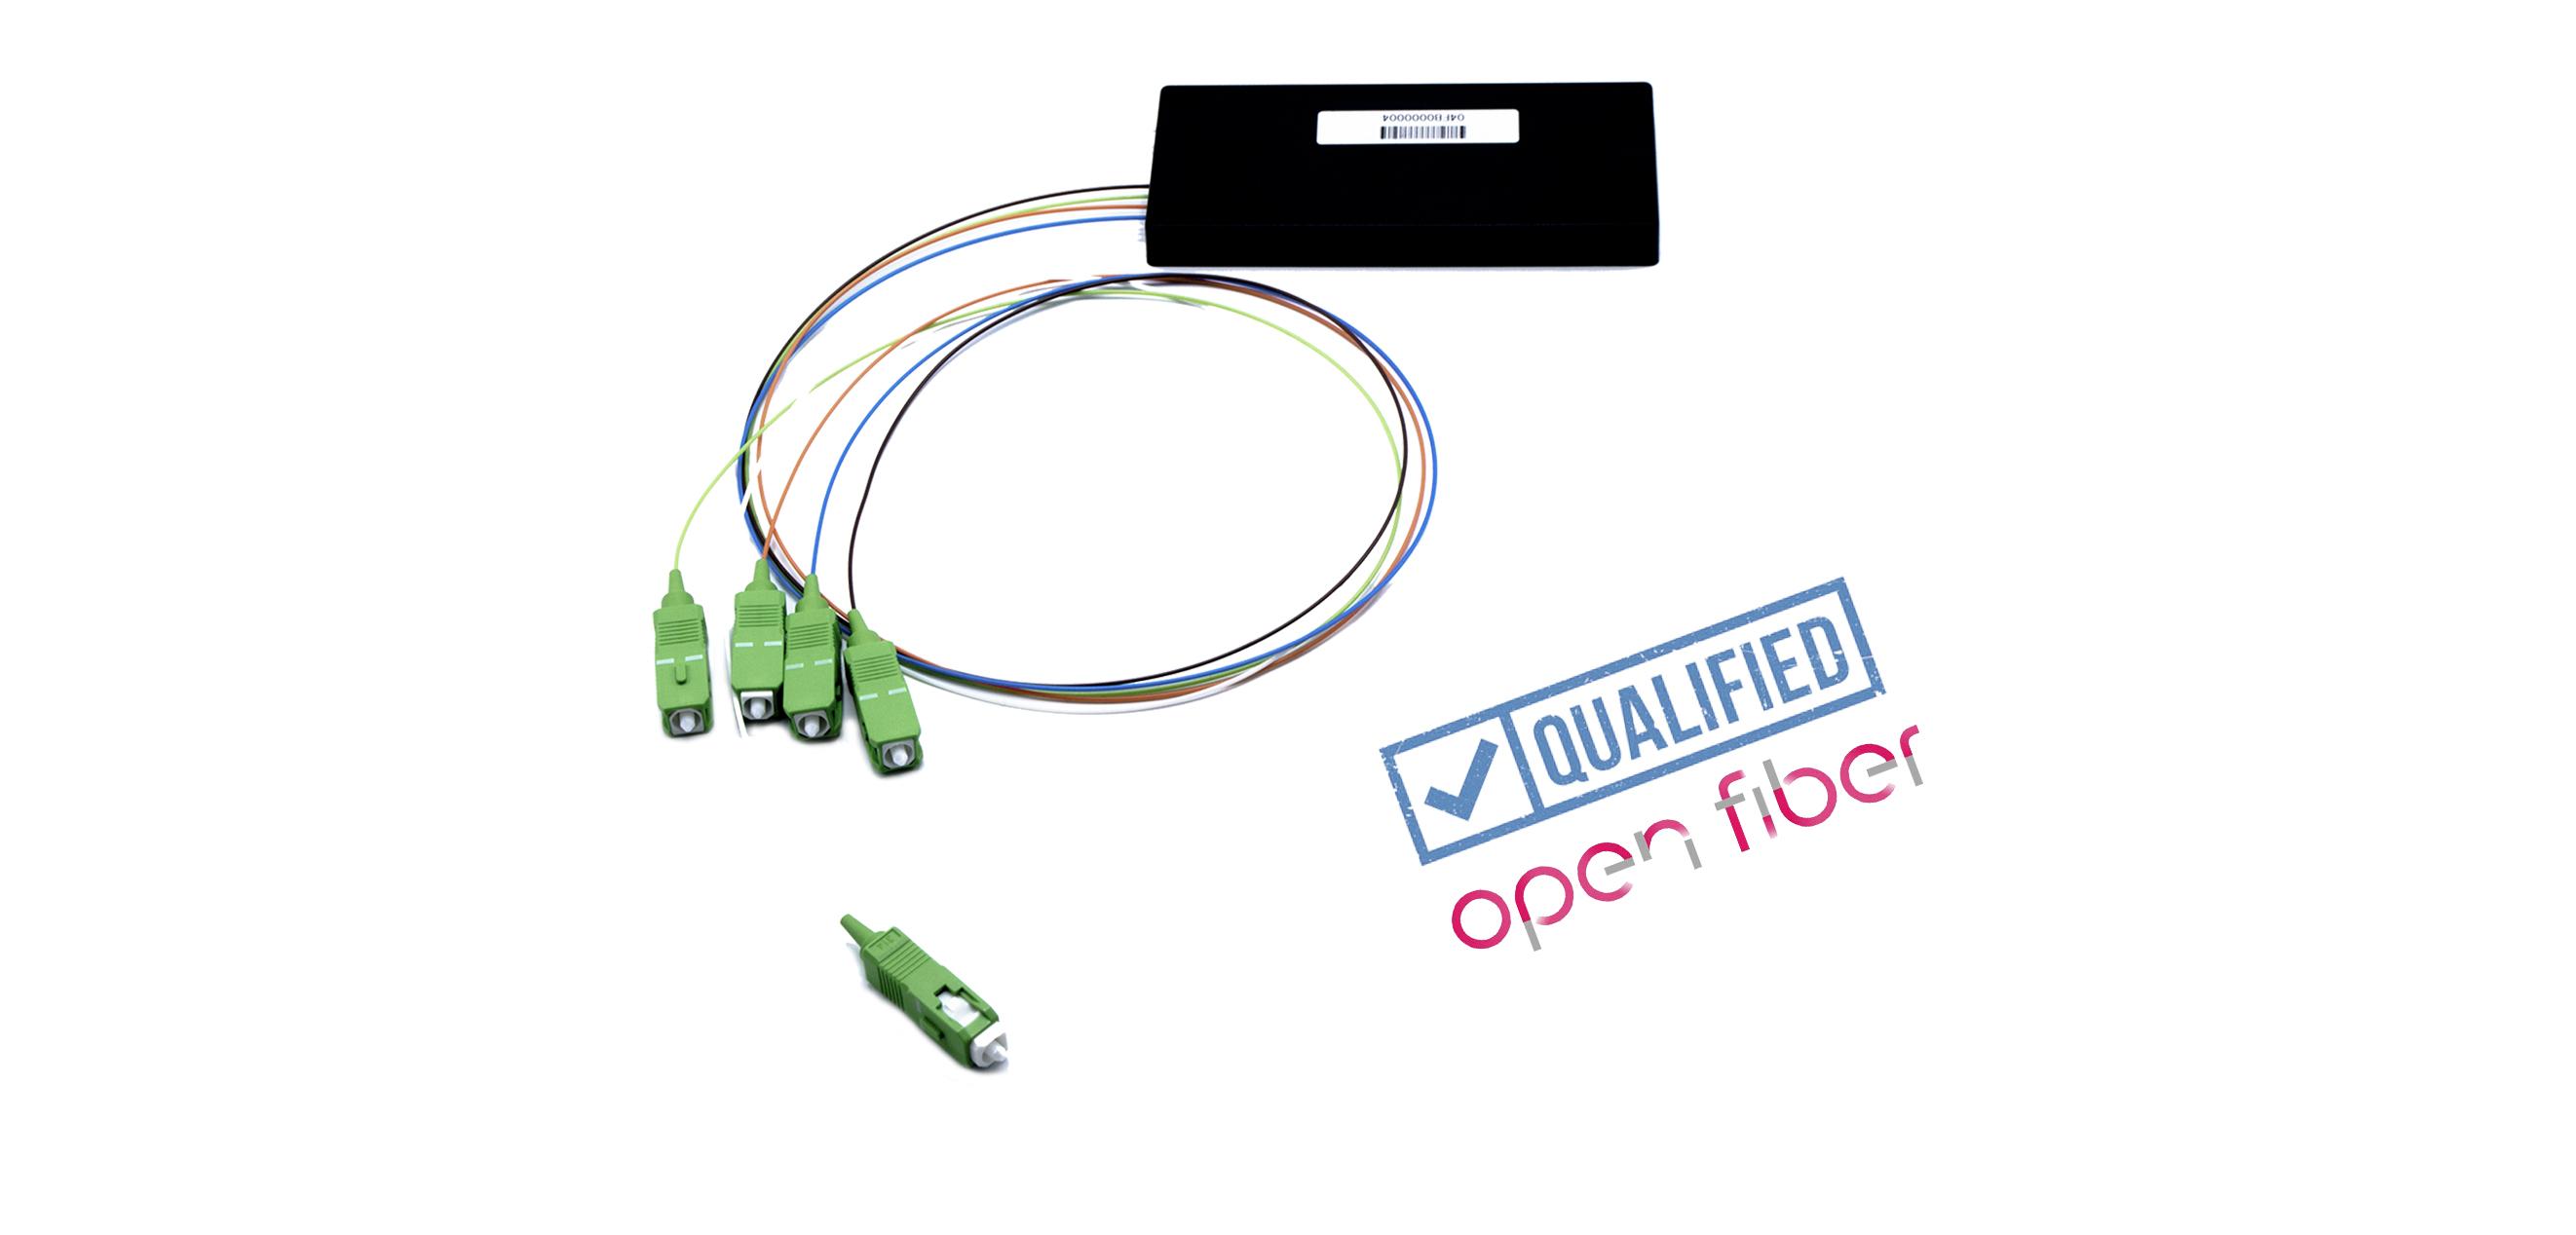 splitter-plastic-box-open-fiber-home